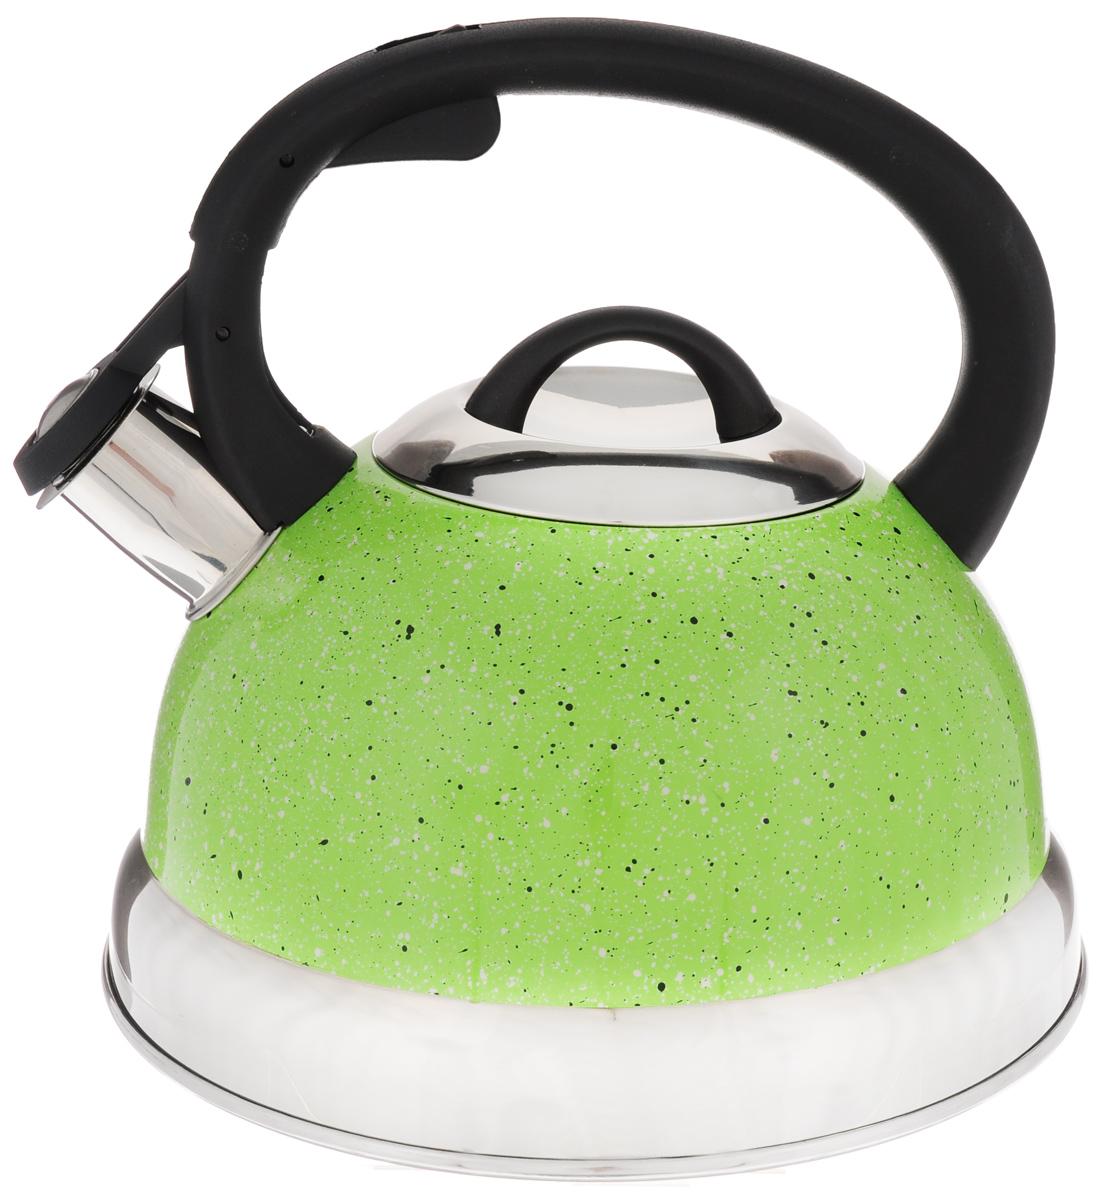 Чайник Mayer & Boch, со свистком, цвет: салатовый, 2,6 л. 2566394672Чайник со свистком Mayer & Boch изготовлен из высококачественной нержавеющей стали, что обеспечивает долговечность использования. Носик чайника оснащен откидным свистком, звуковой сигнал которого подскажет, когда закипит вода. Фиксированная ручка, изготовленная из пластика, снабжена клавишей для открывания носика, что делает использование чайника очень удобным и безопасным.Чайник Mayer & Boch - качественное исполнение и стильное решение для вашей кухни. Подходит для всех типов плит, включая индукционные. Можно мыть в посудомоечной машине. Высота чайника (с учетом ручки): 20,5 см.Диаметр чайника (по верхнему краю): 10 см.Диаметр основания: 21 см.